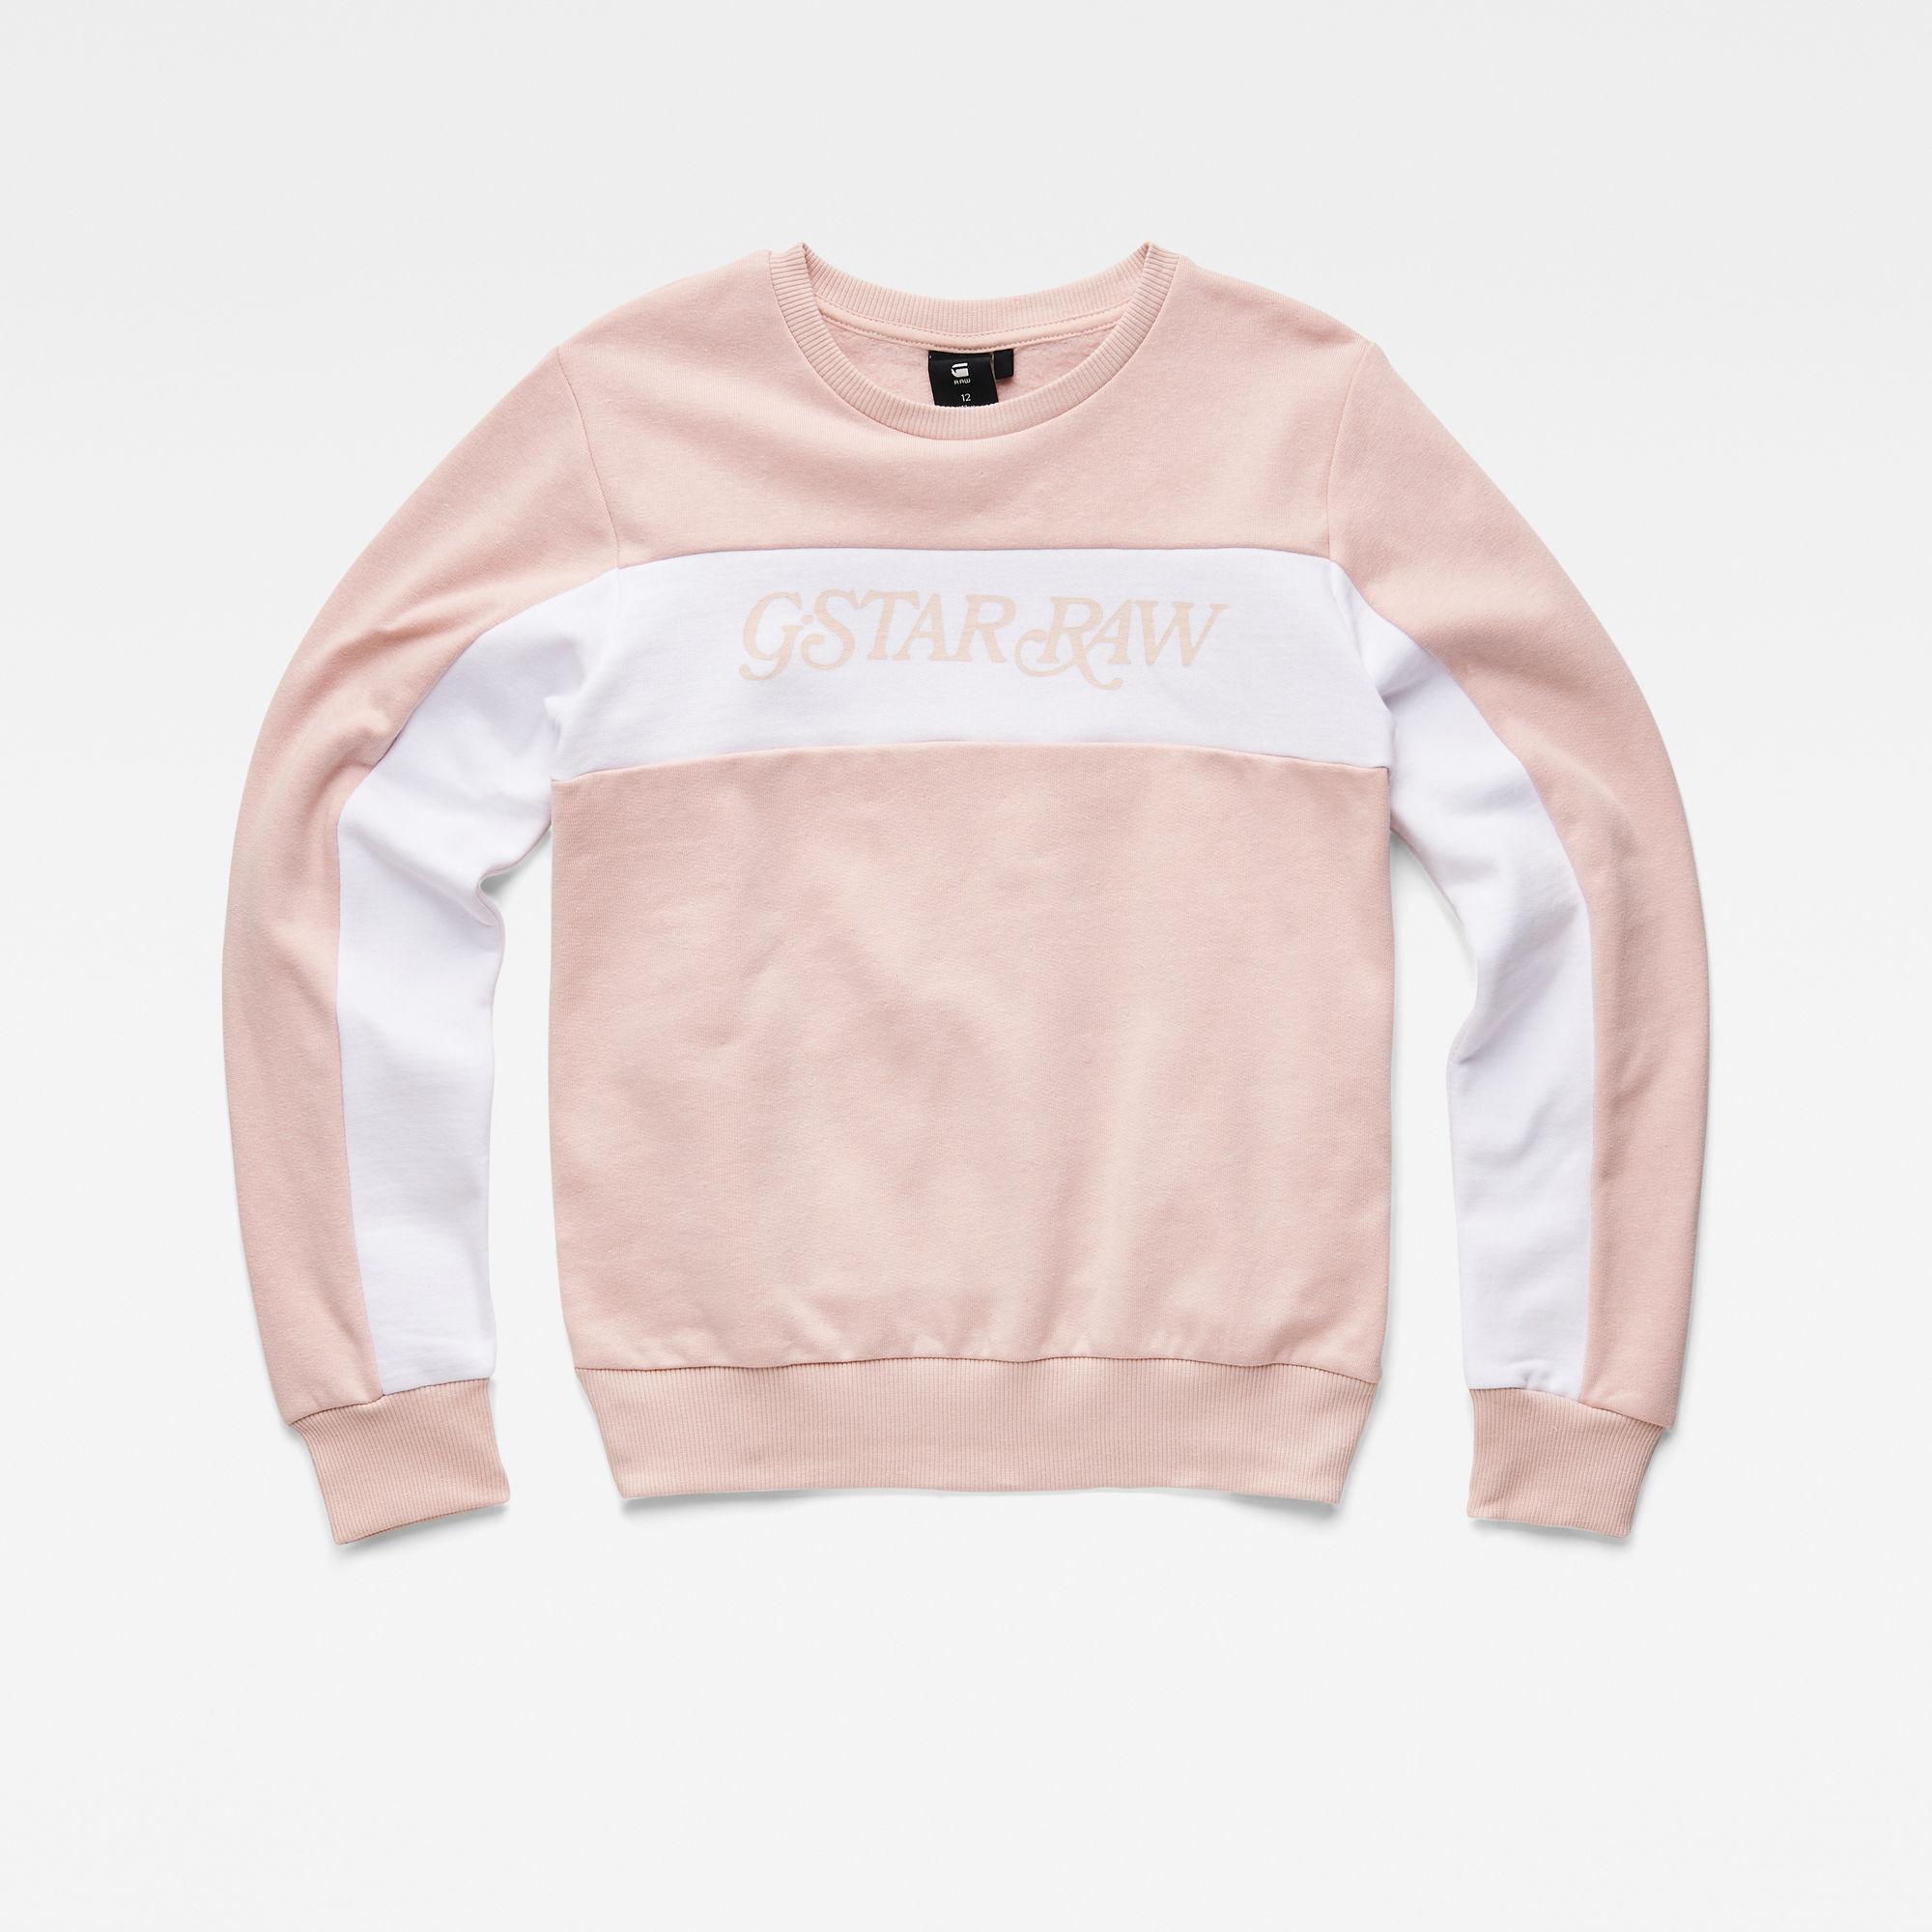 G-Star RAW Meisjes Sweater Roze